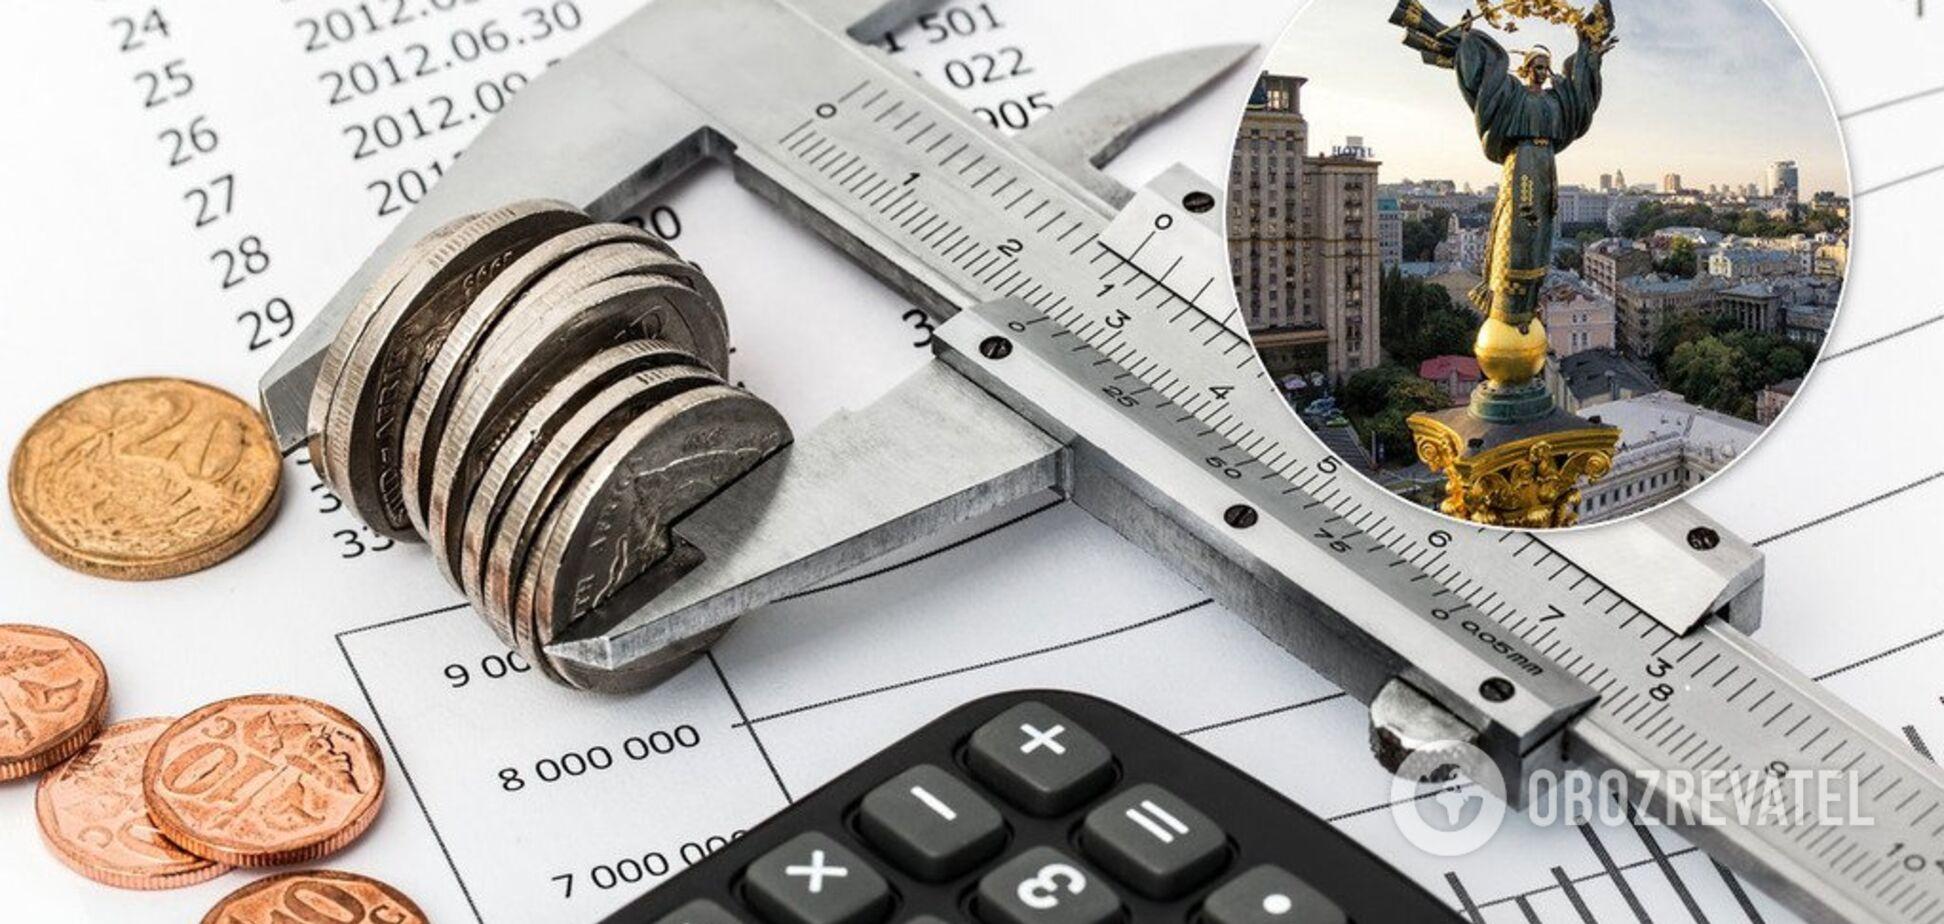 Кабмин готовит масштабную налоговую реформу: какие сборы поднимут, а какие уберут